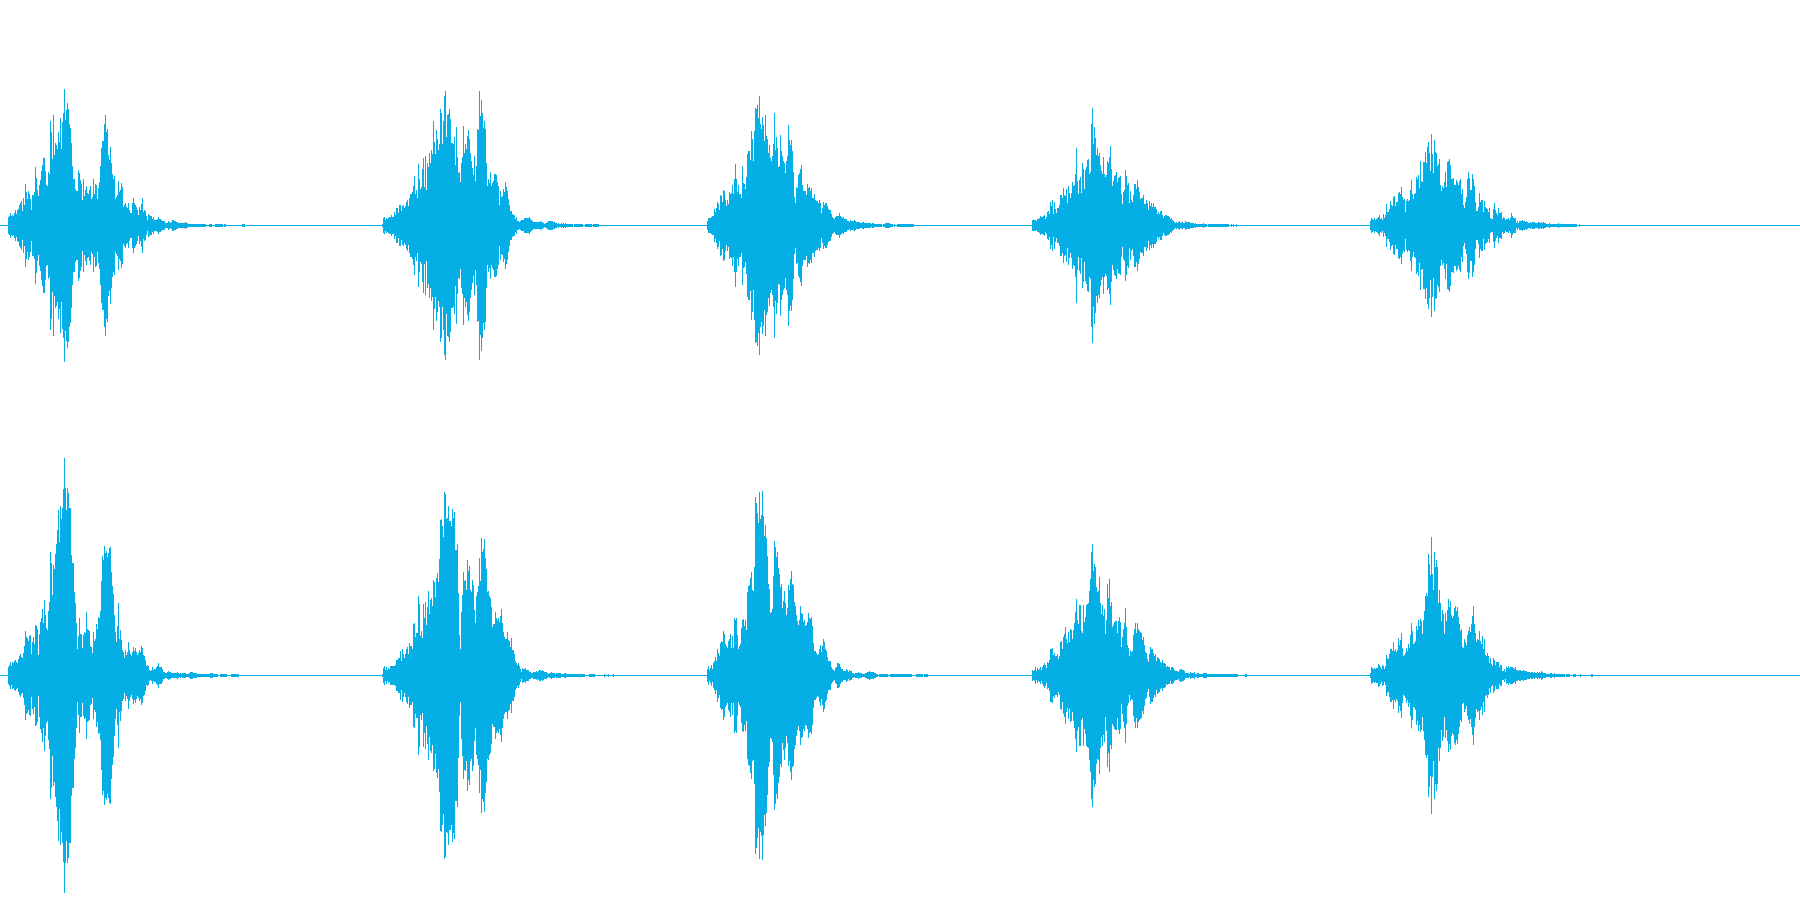 ライオンの鳴き声(グルグル唸る)の再生済みの波形